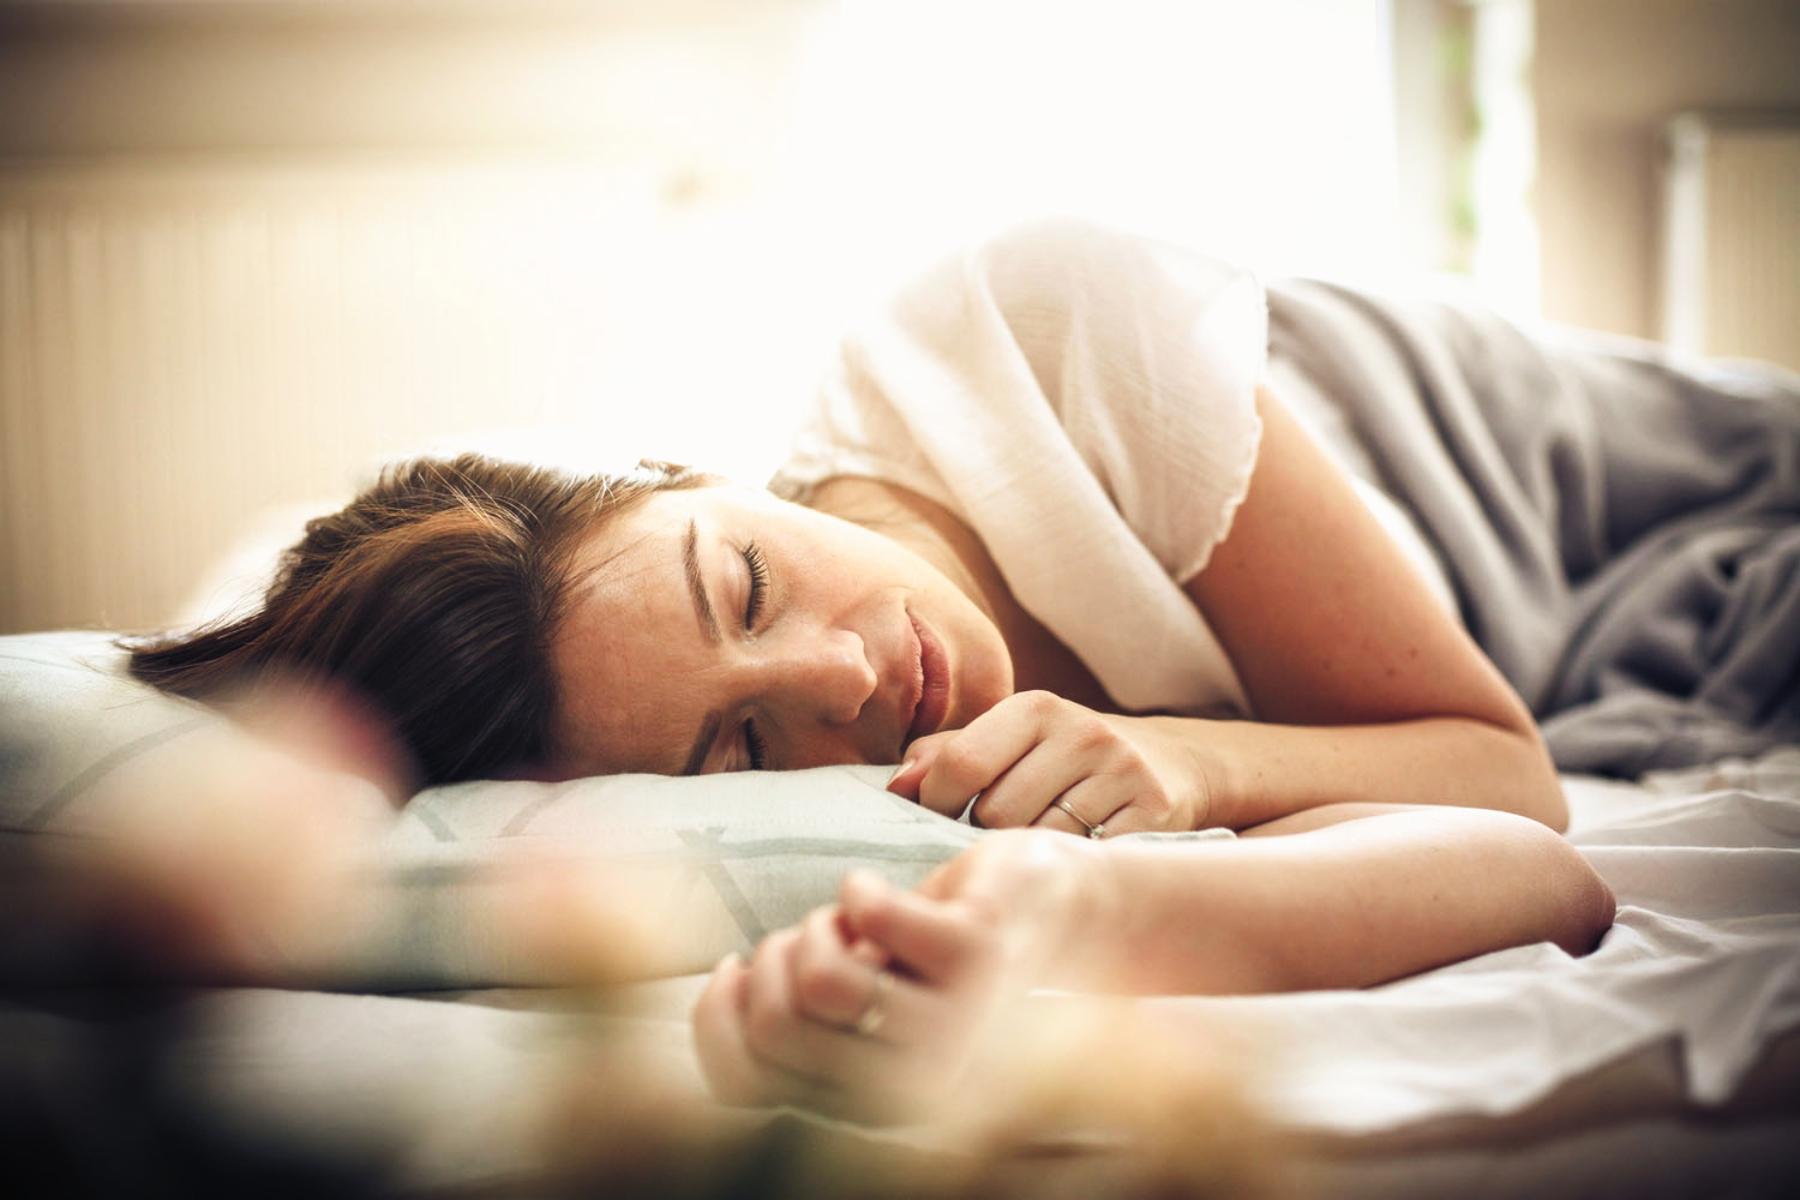 Αισθάνομαι κουρασμένη: Γιατί νιώθεις αυτή την κατάπτωση